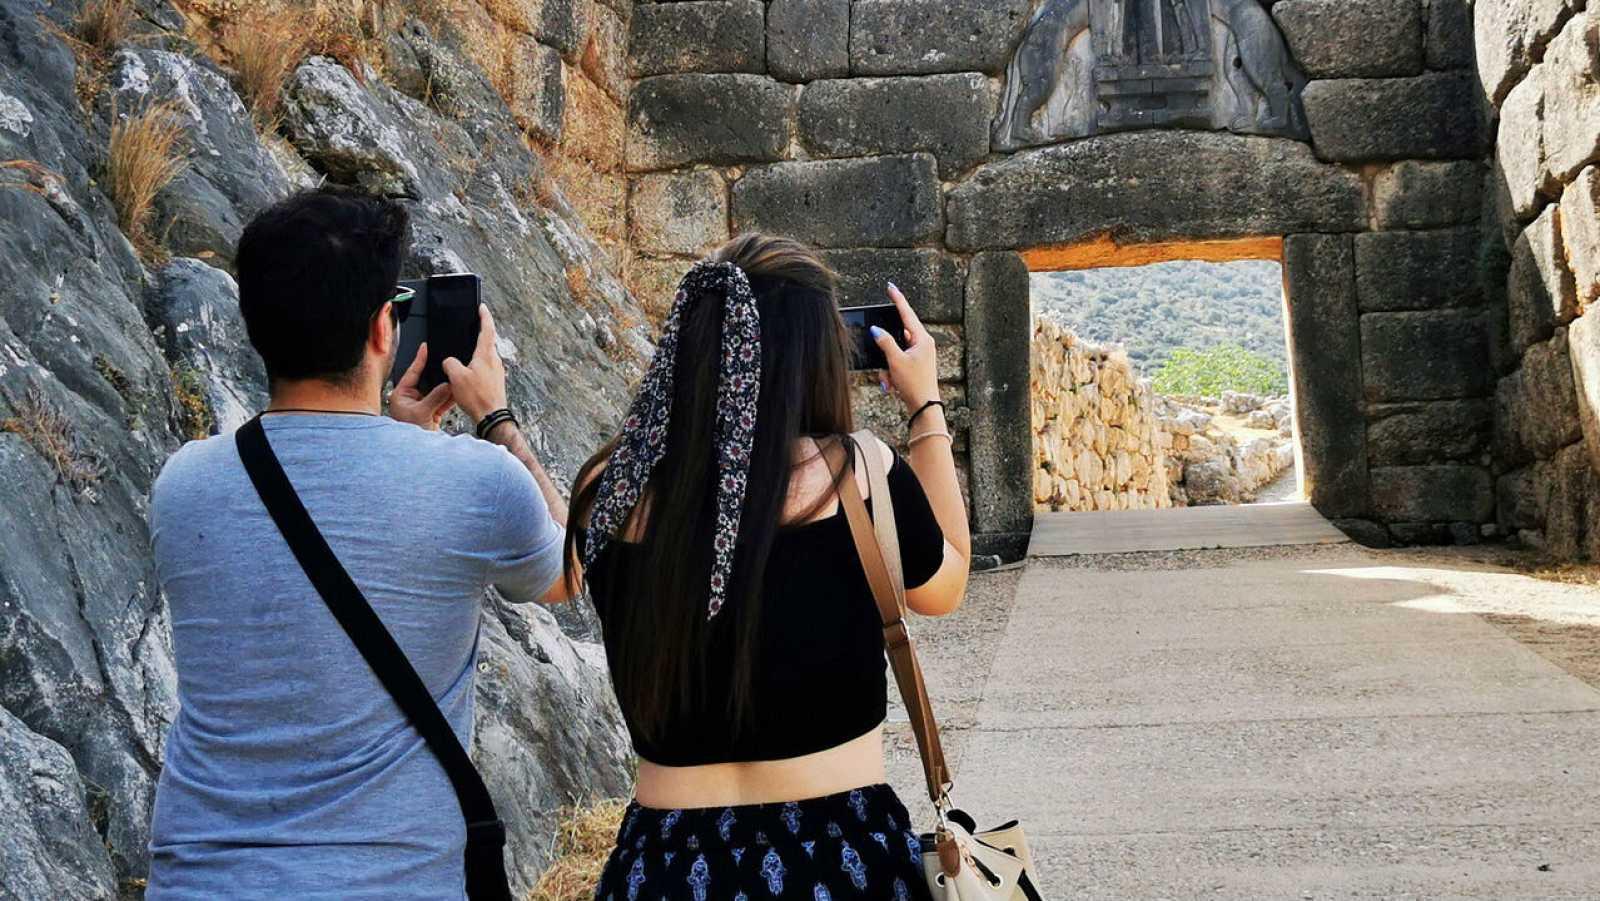 Turistas visitan el sitio arqueológico de Micenas, Argólida, Peloponeso, Grecia, en el primer día de la reapertura de los sitios arqueológicos después del cierre en el país.